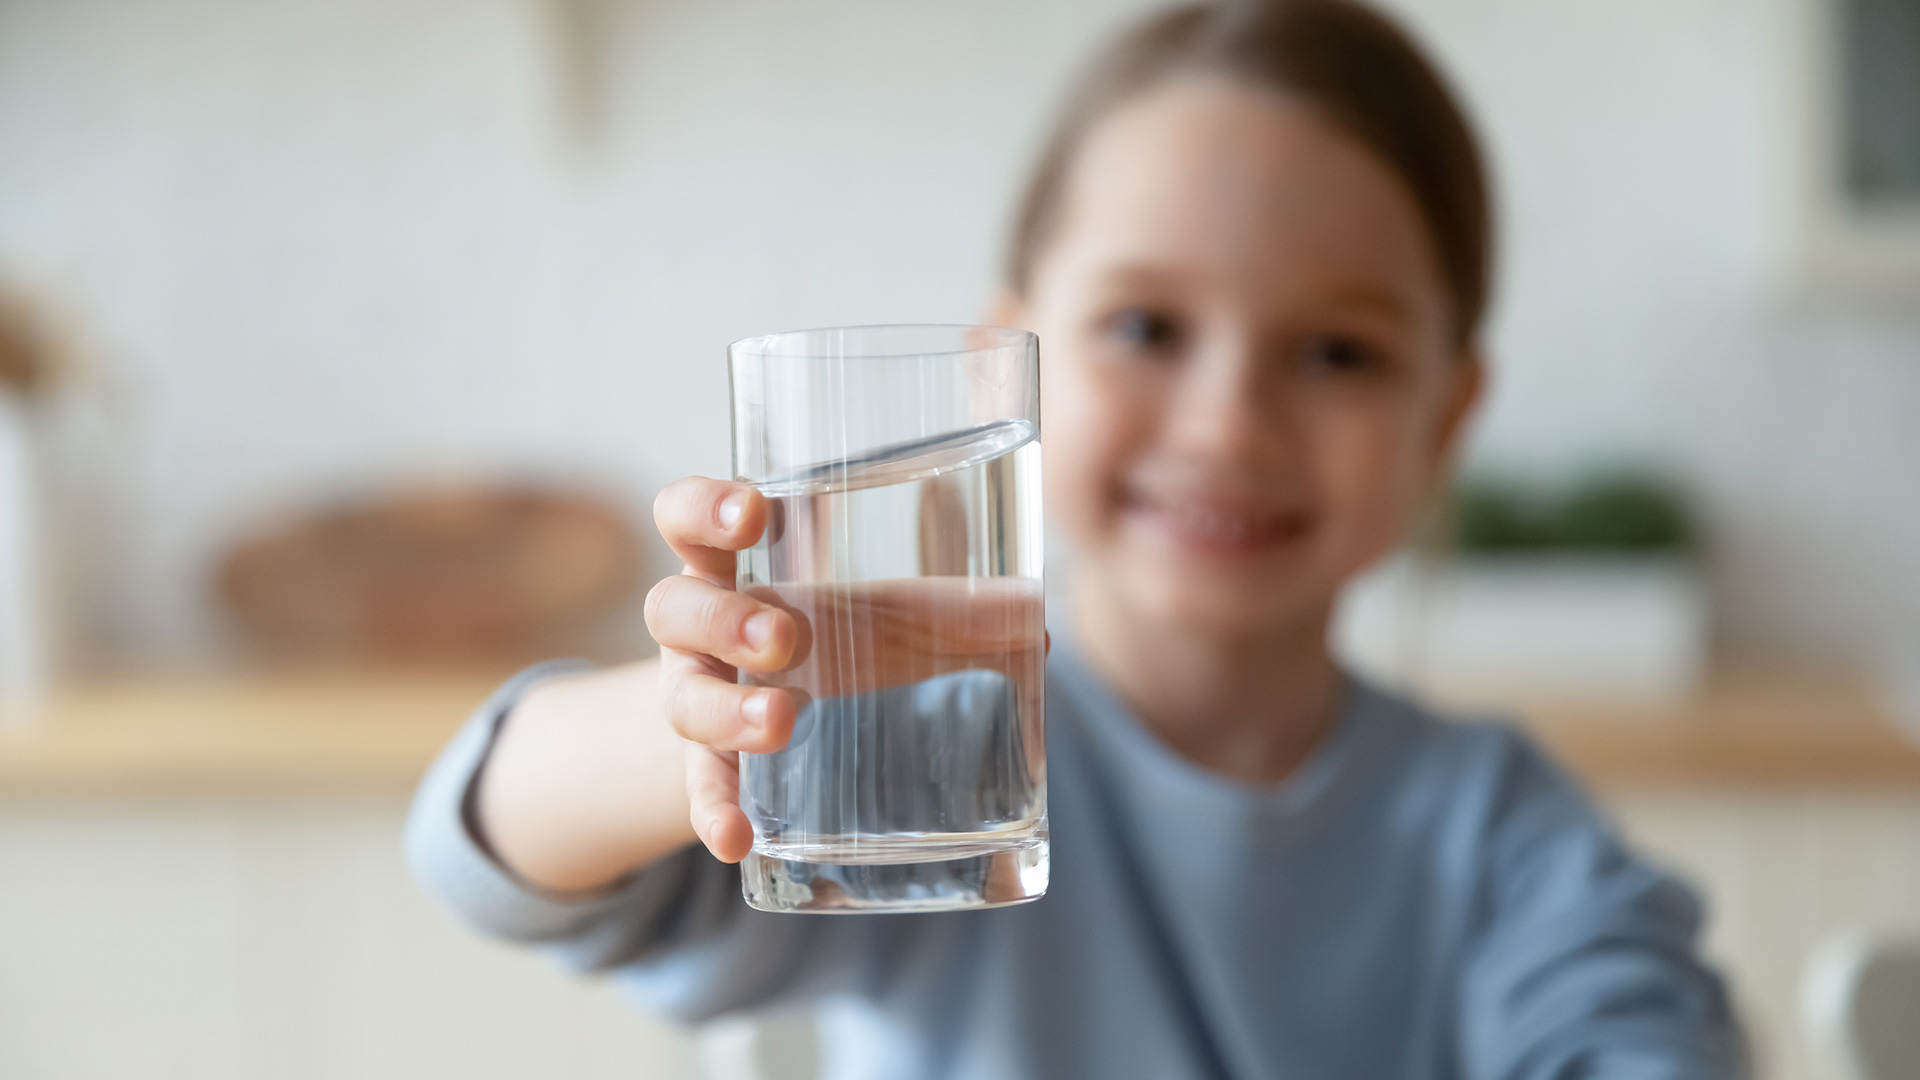 Hymyilevä lapsi kohottaa vesilasia, jossa on kirkasta vettä, kuvaajaa kohti.